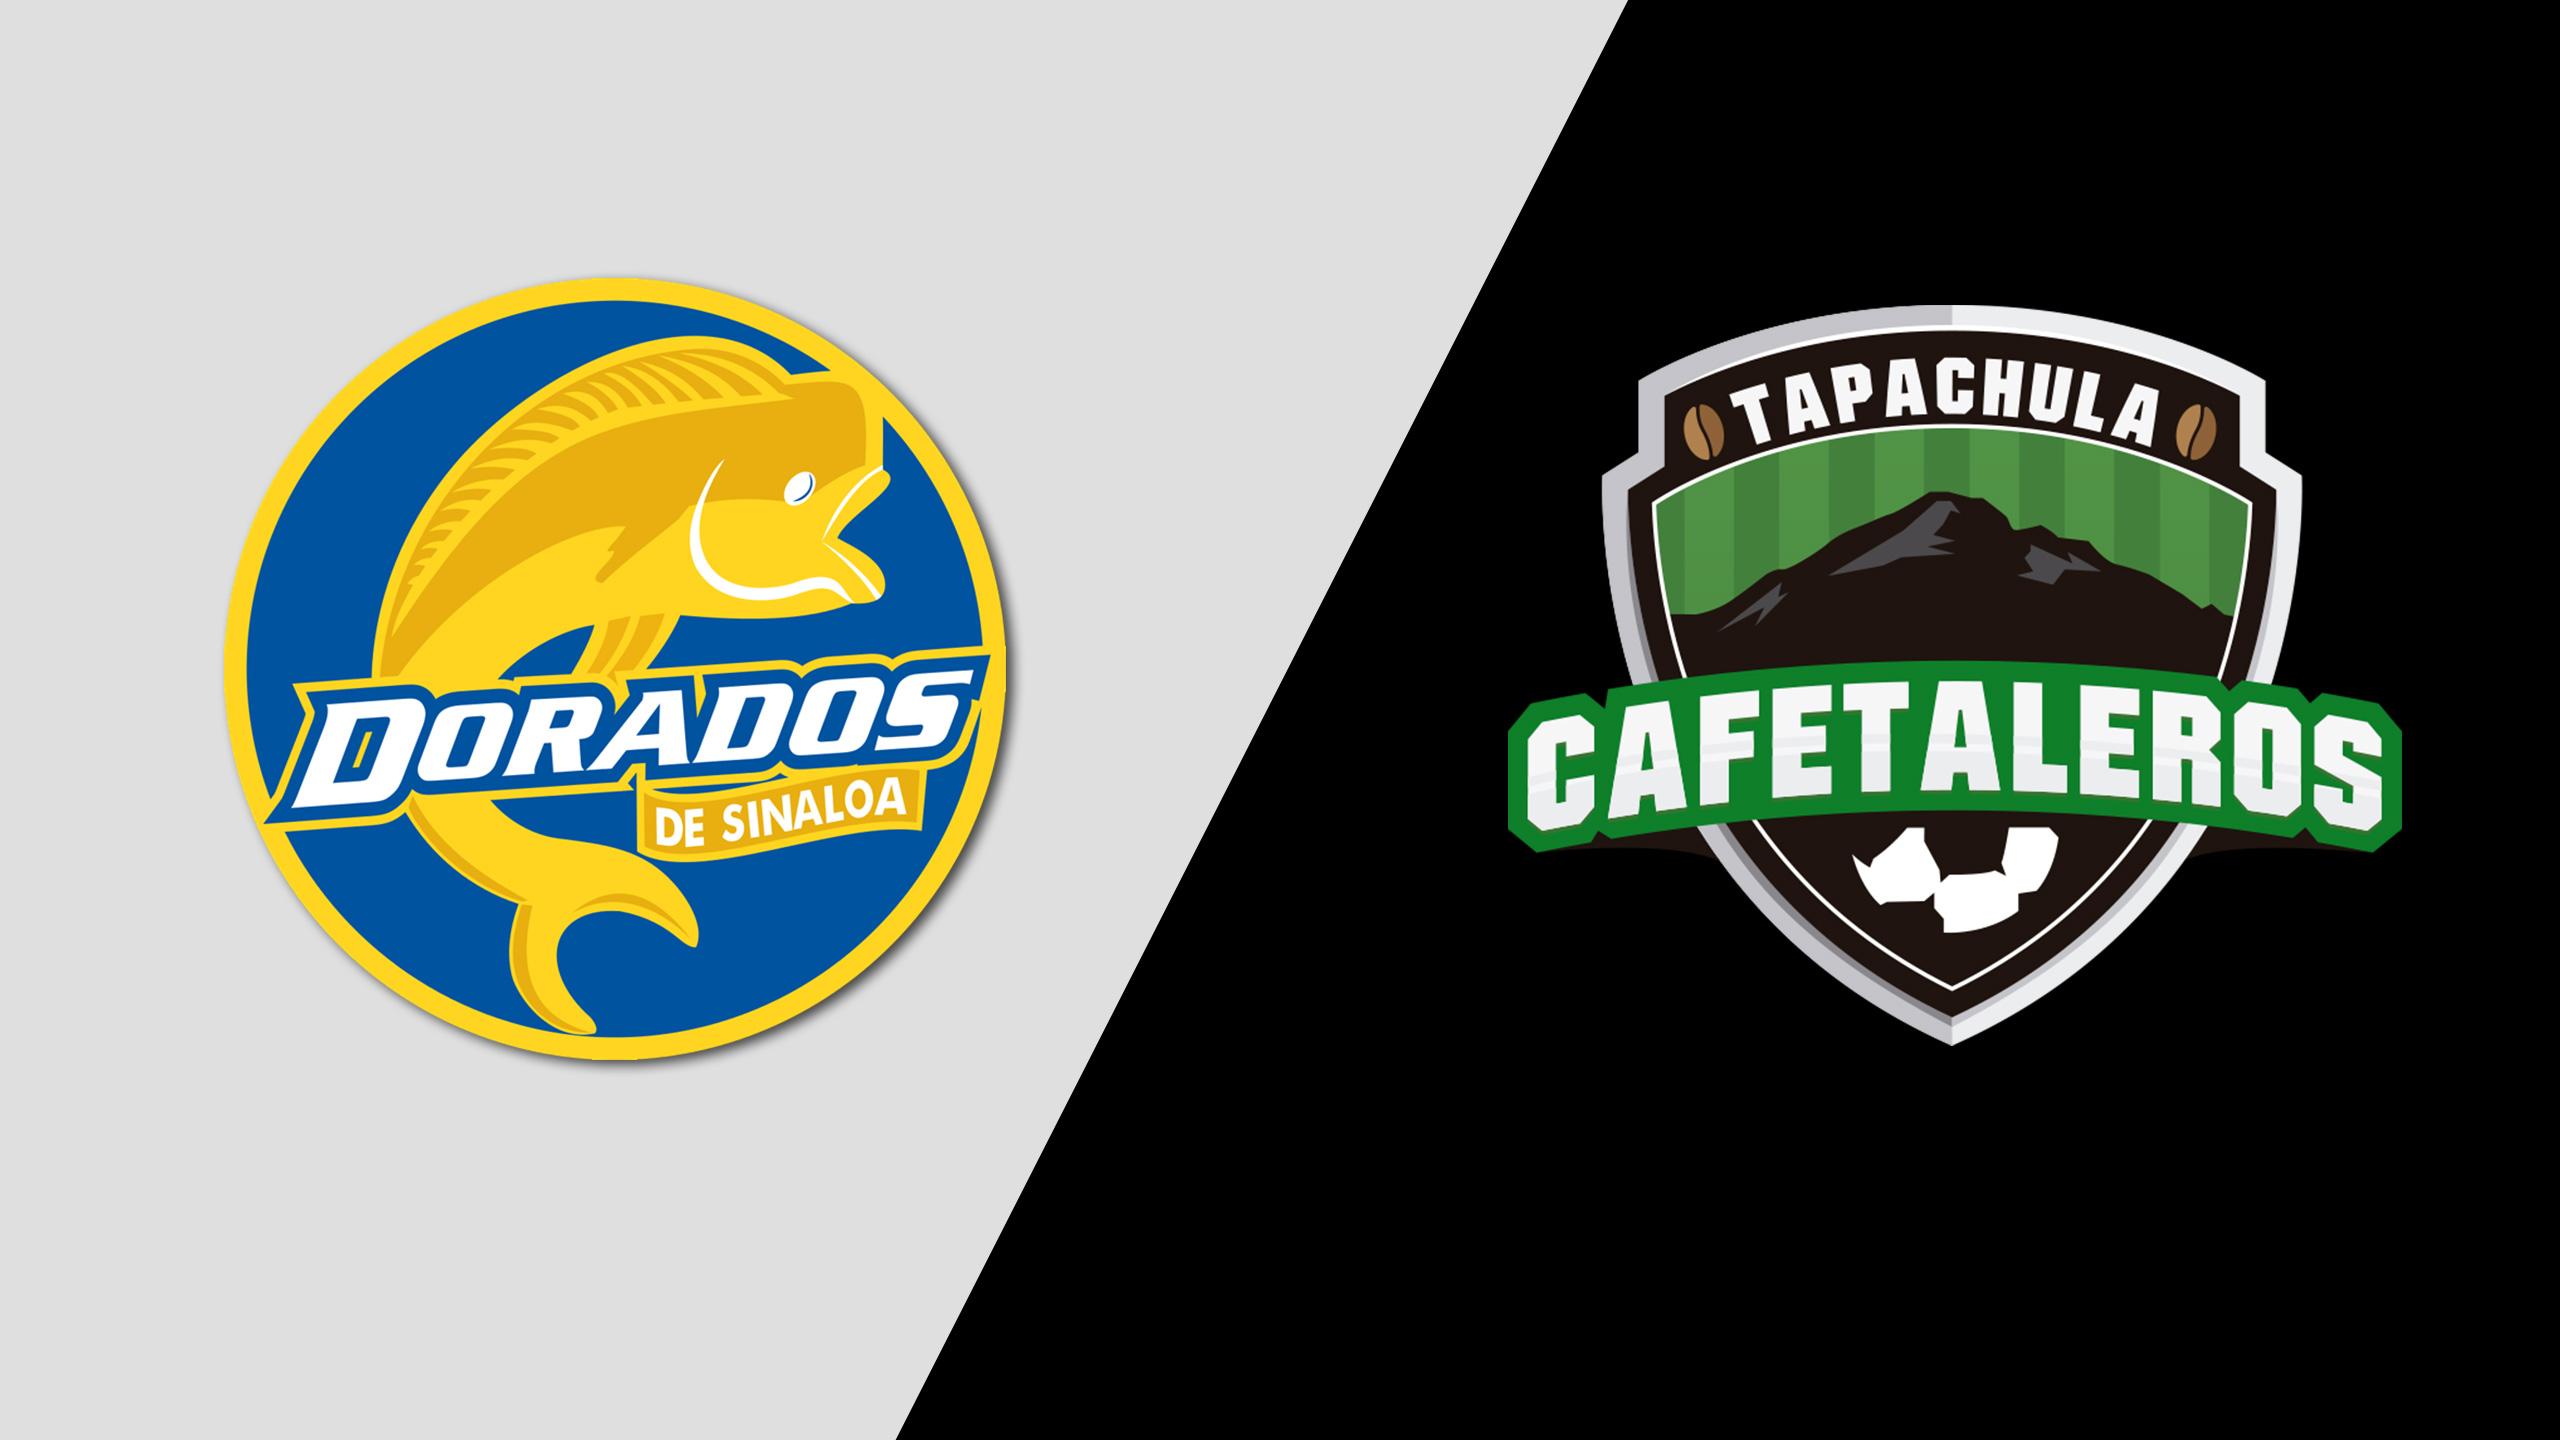 Dorados de Sinaloa vs. Cafetaleros de Tapachula (Jornada 8)